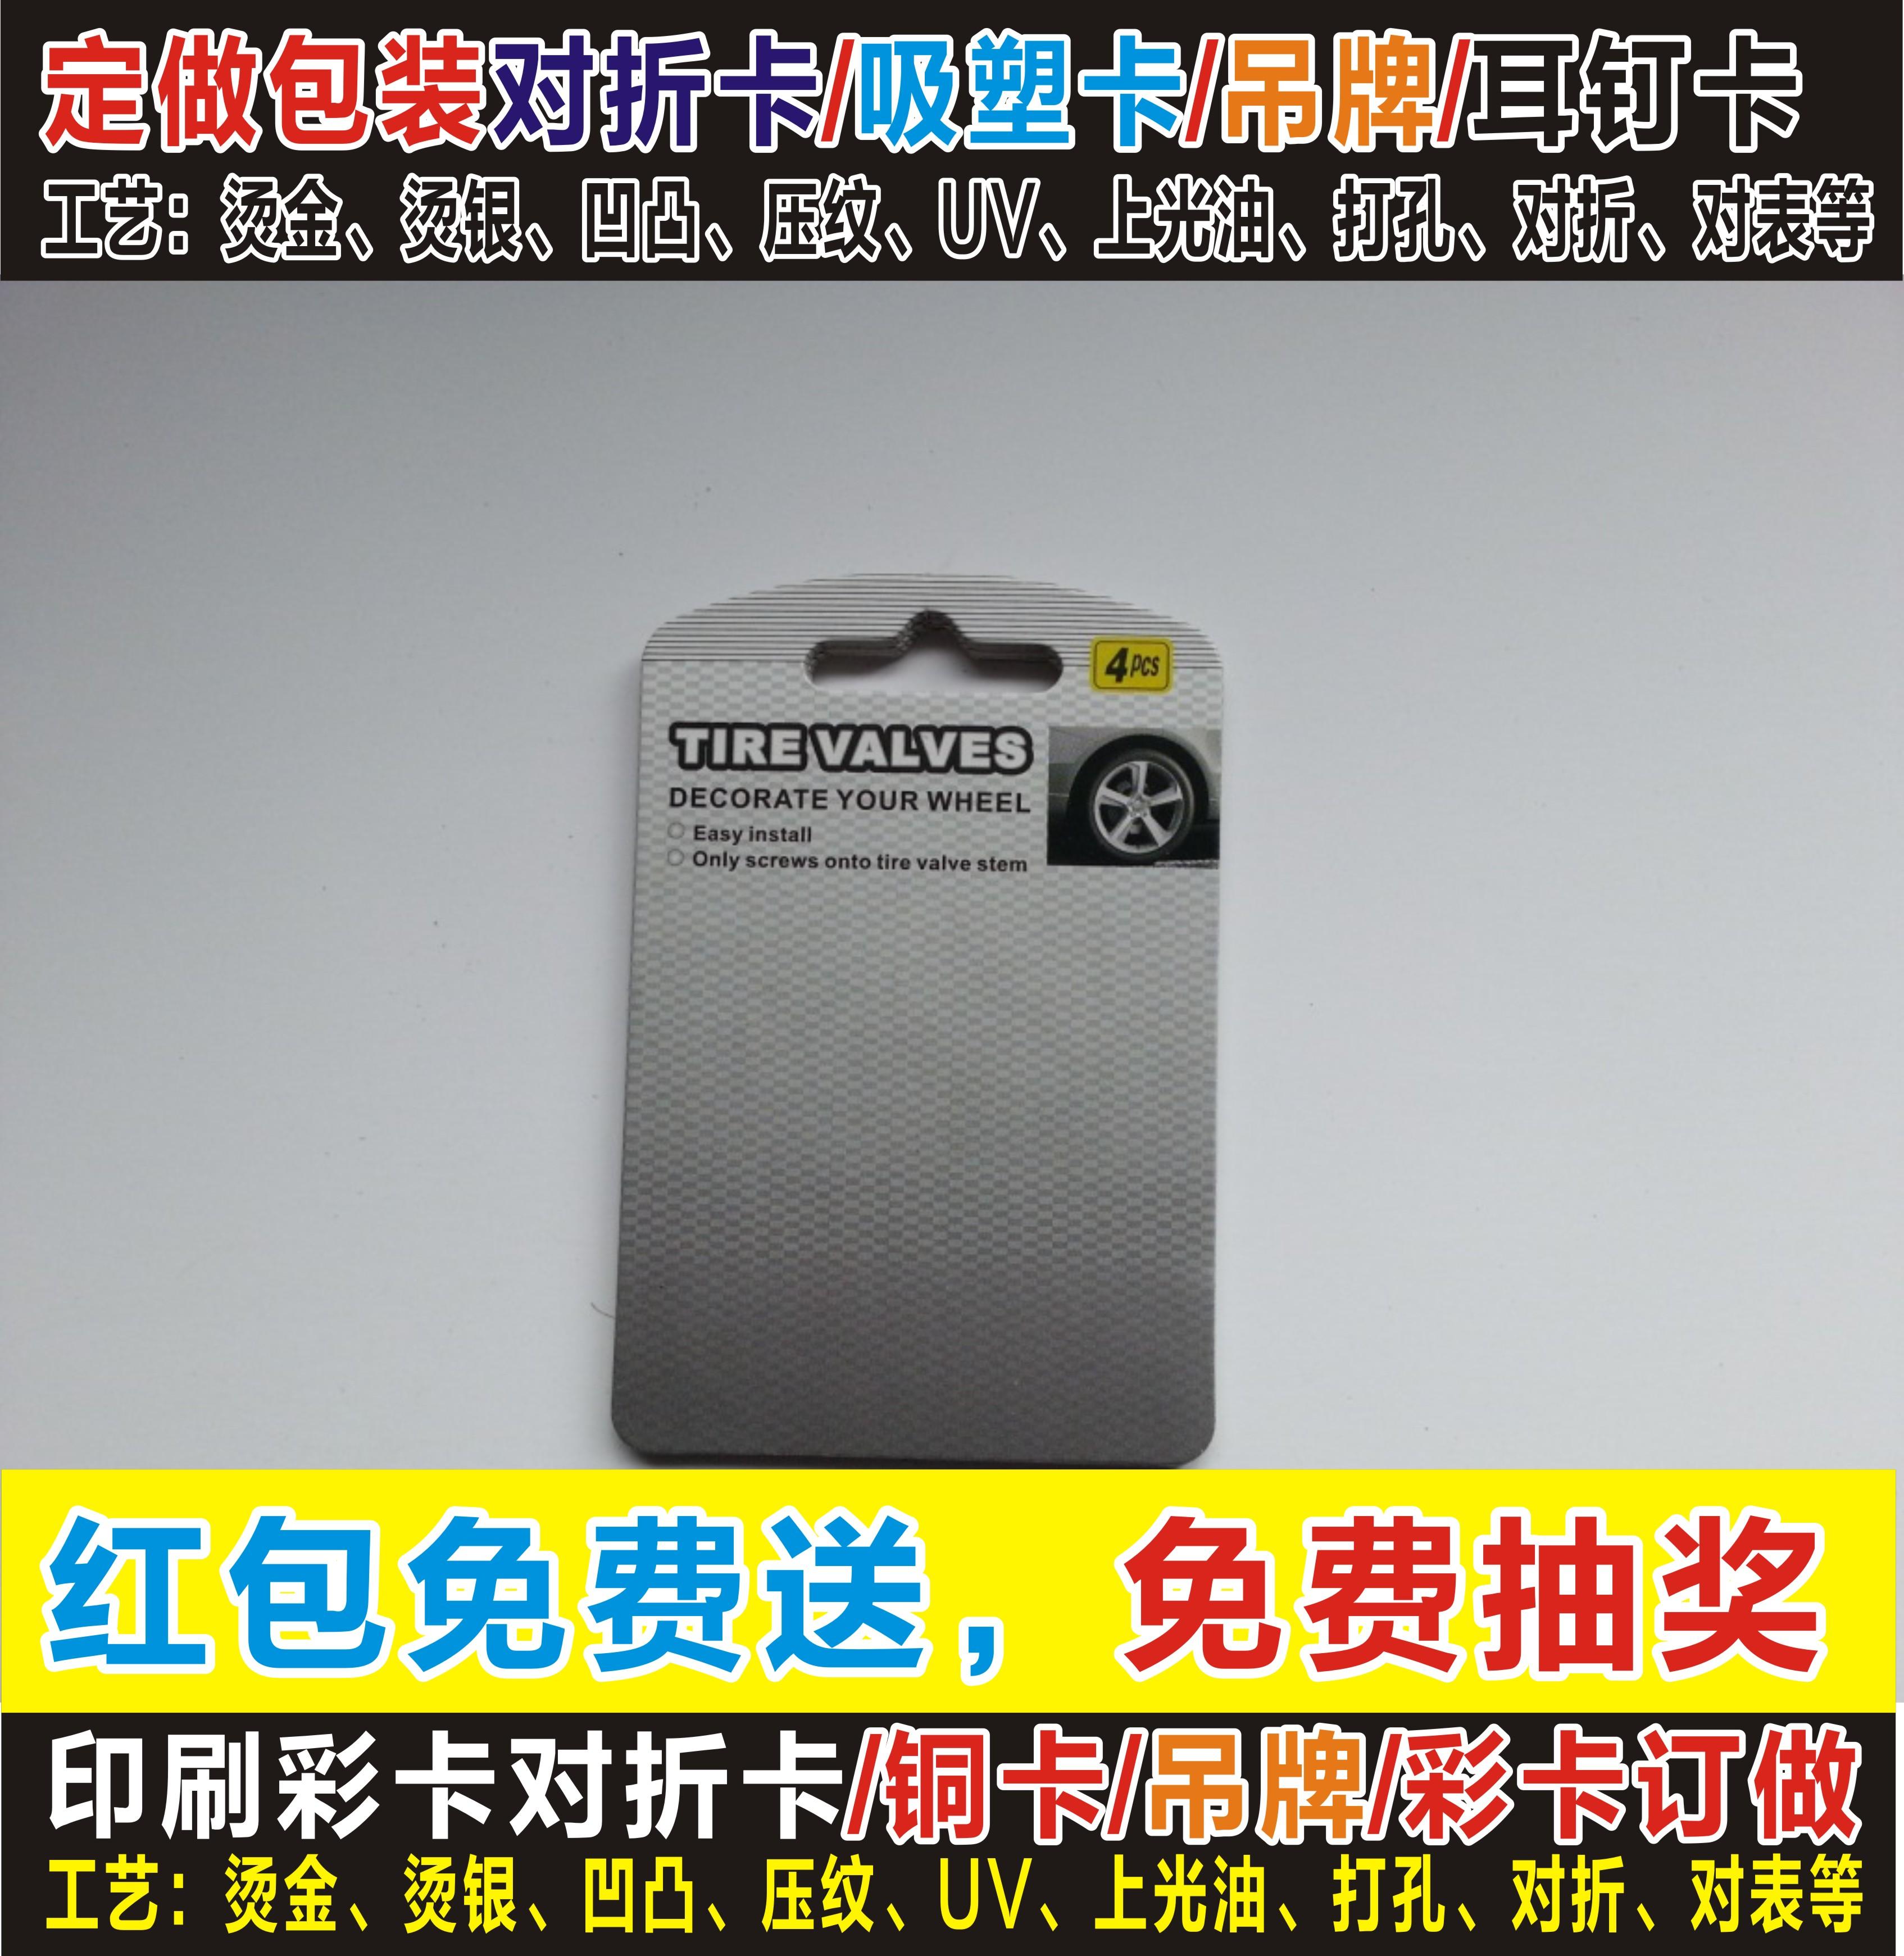 Envases de papel impreso a color de tarjeta de los certificados de la cabeza de cartón joyas pequeñas etiquetas etiqueta de plástico de la tarjeta